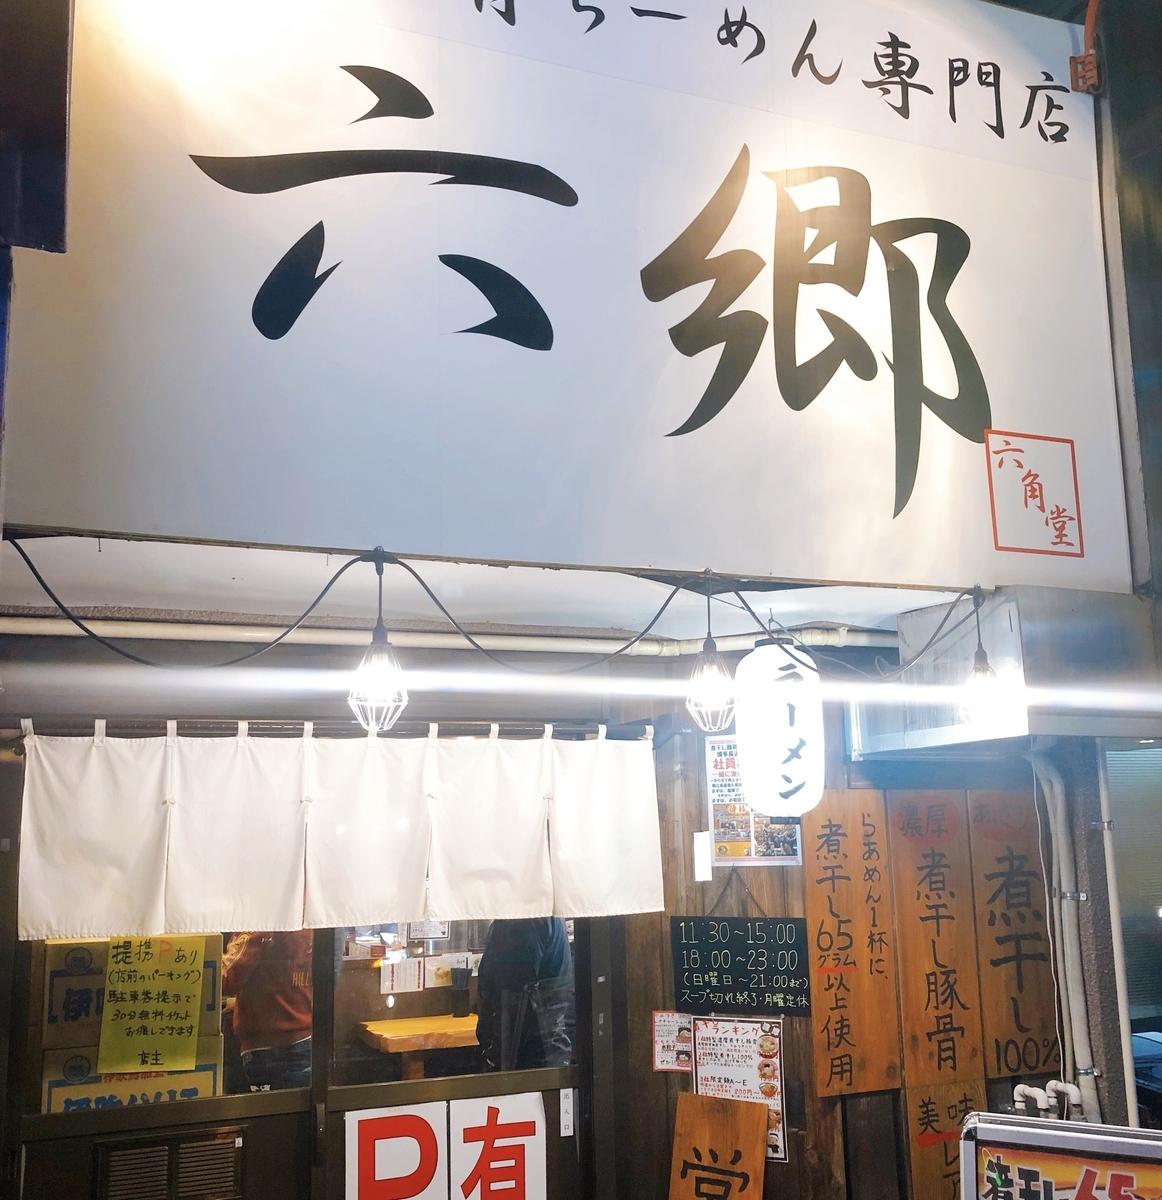 f:id:TakahiroIwata:20200829222058j:plain